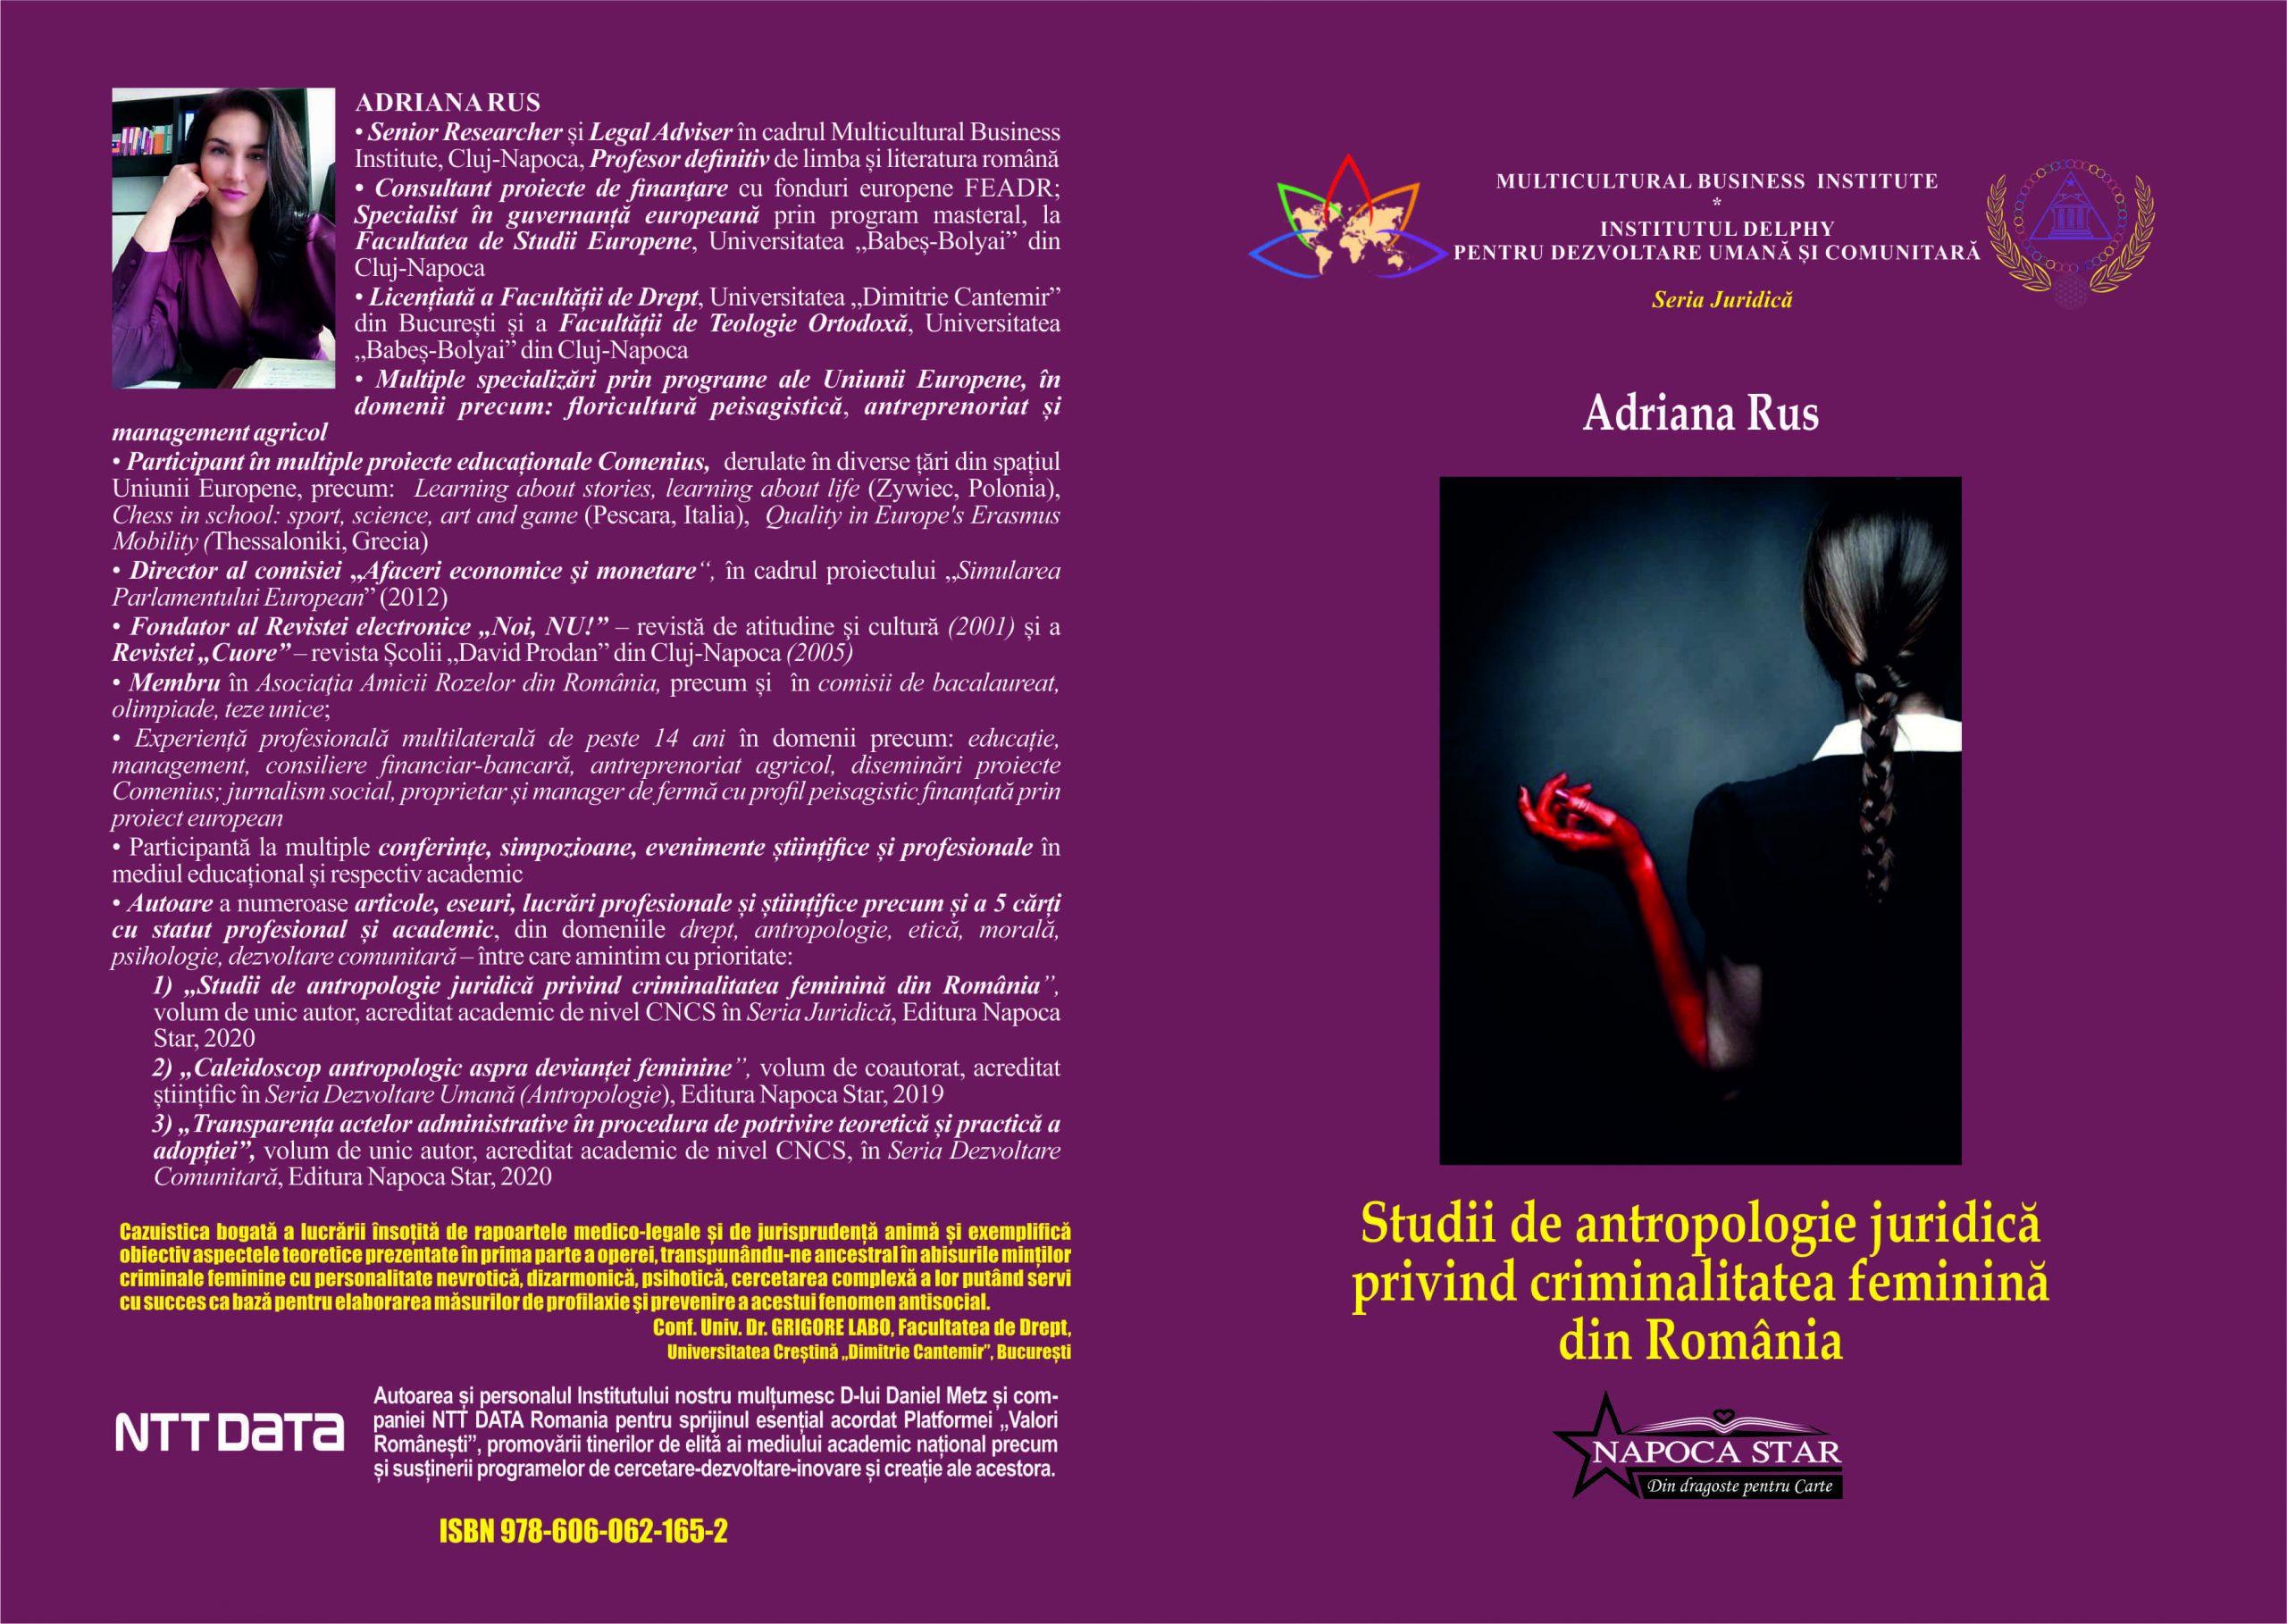 Coperta - Adriana Rus - Studii de antropologie juridică privind criminalitatea feminină din România